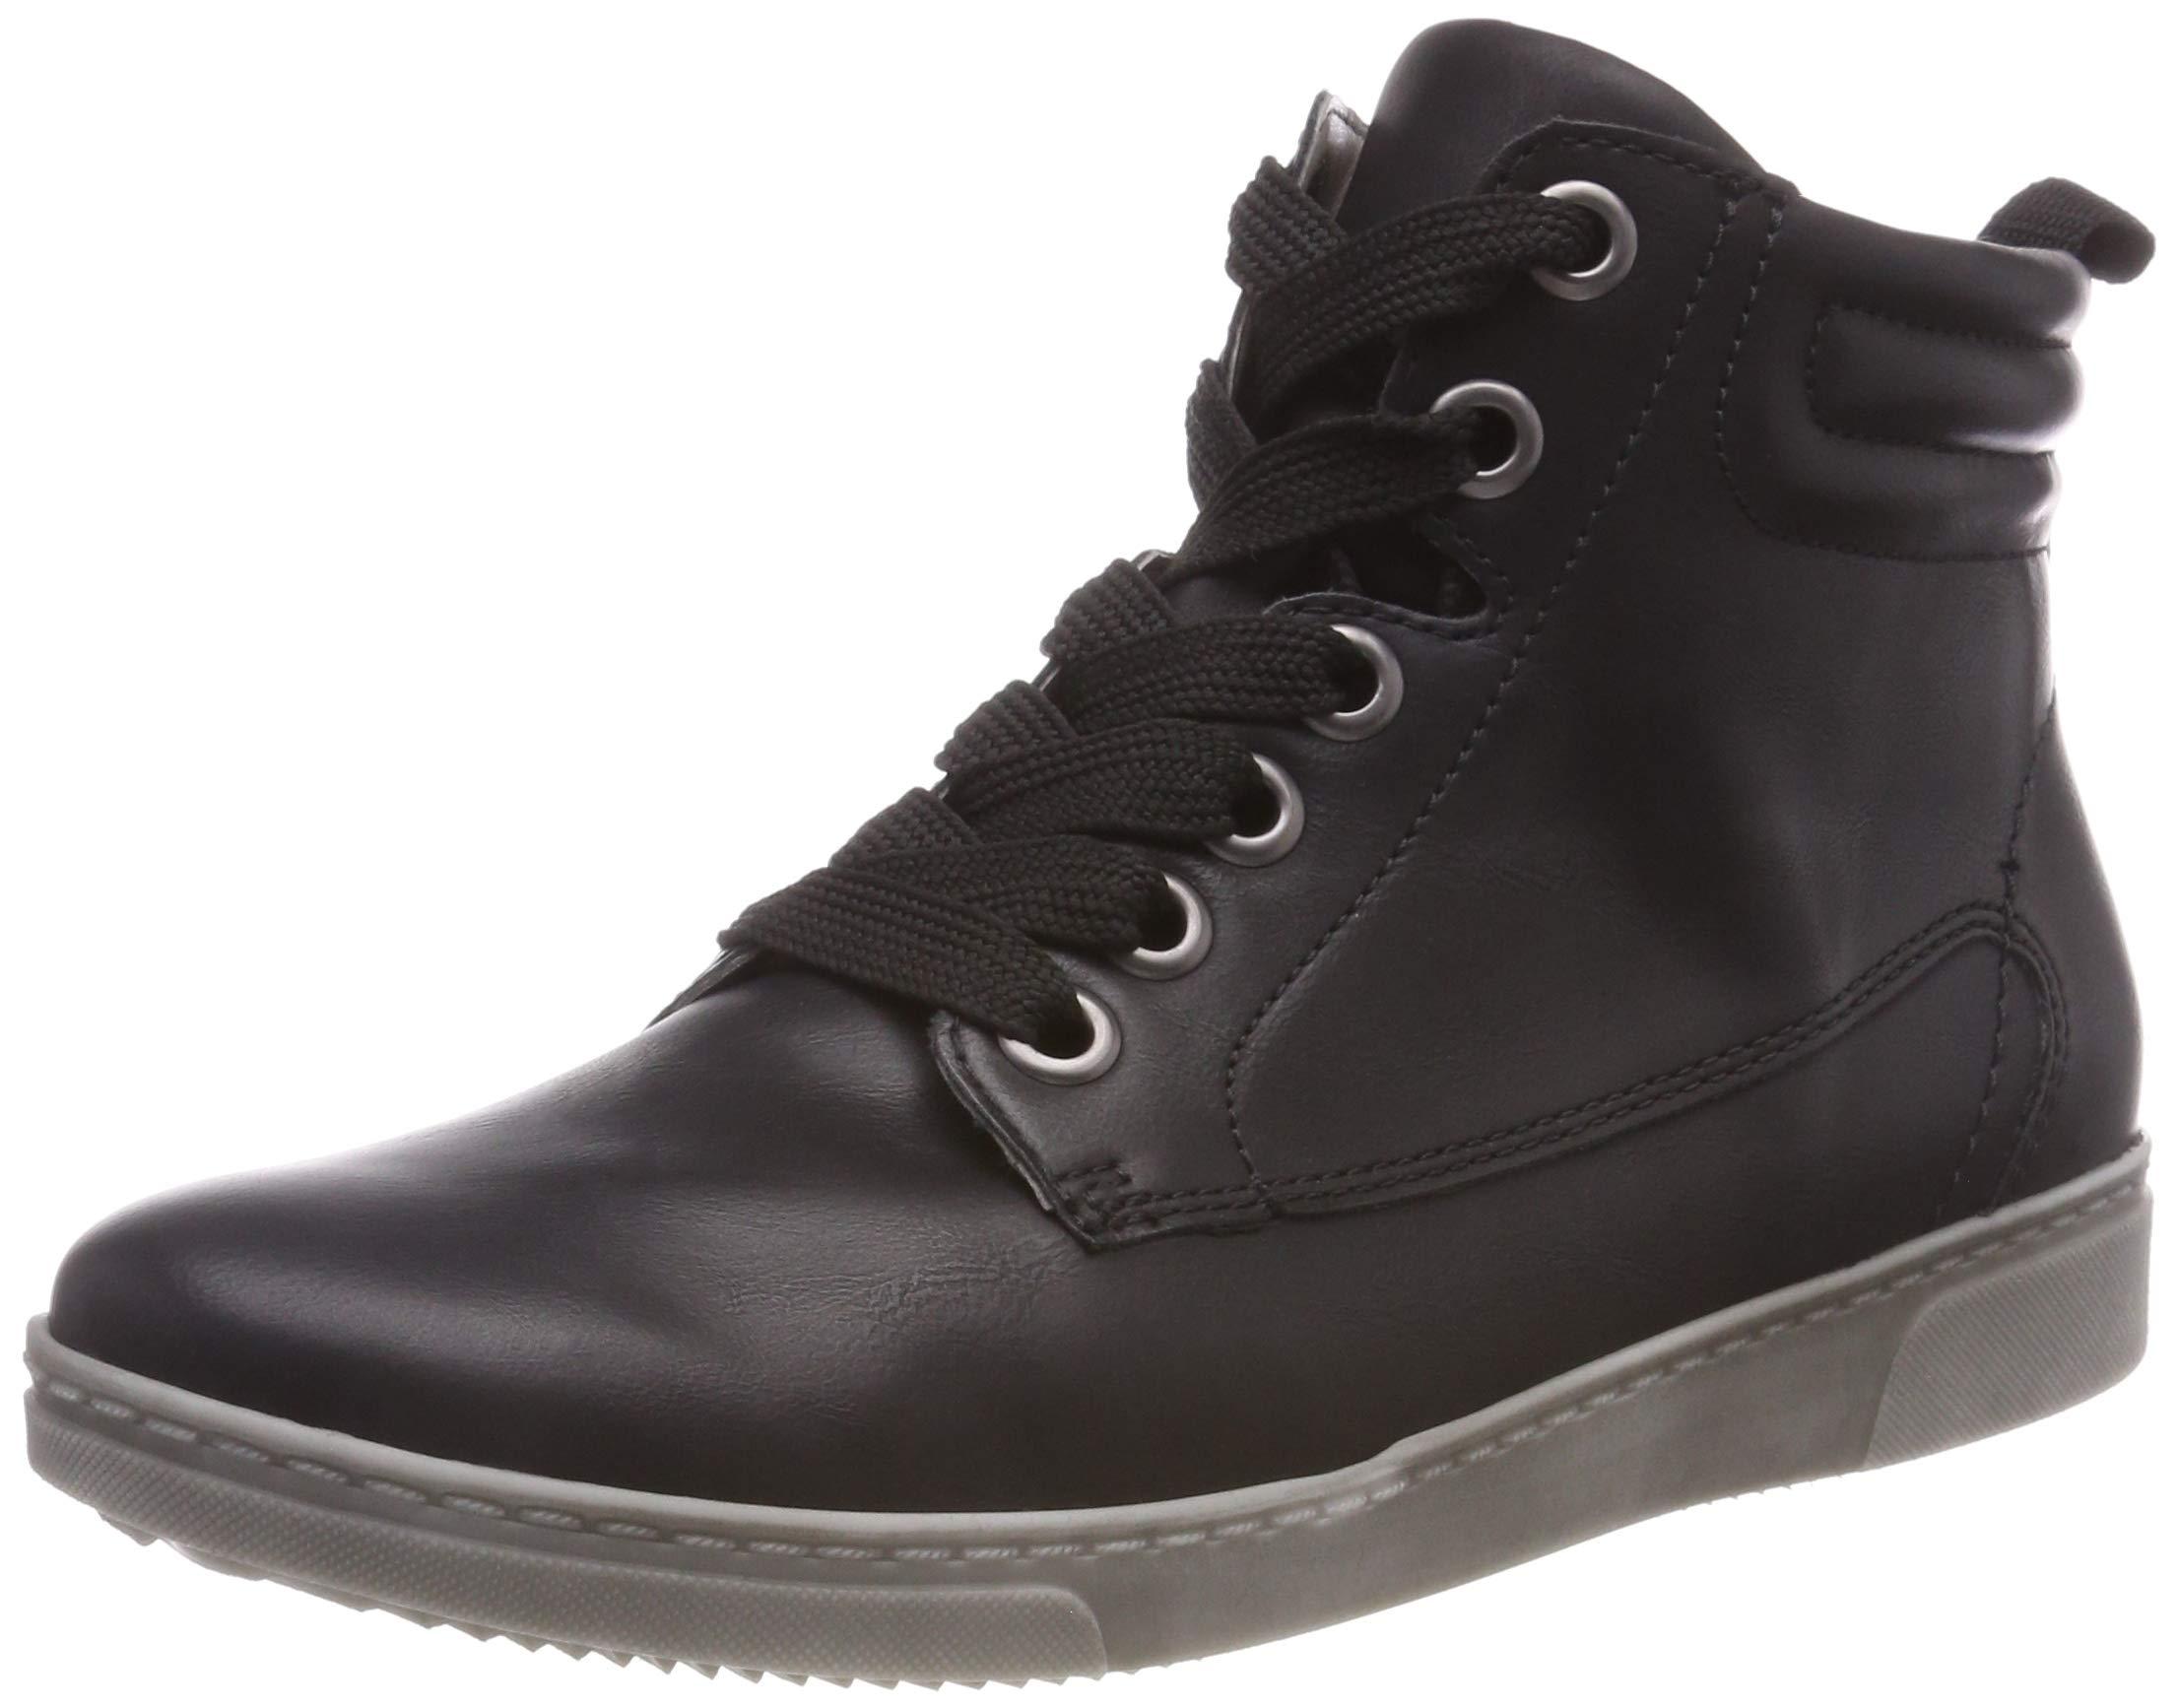 FemmeNoirschwarz Boots Eu Jenny 7139 SeattleDesert nm8P0vNOyw